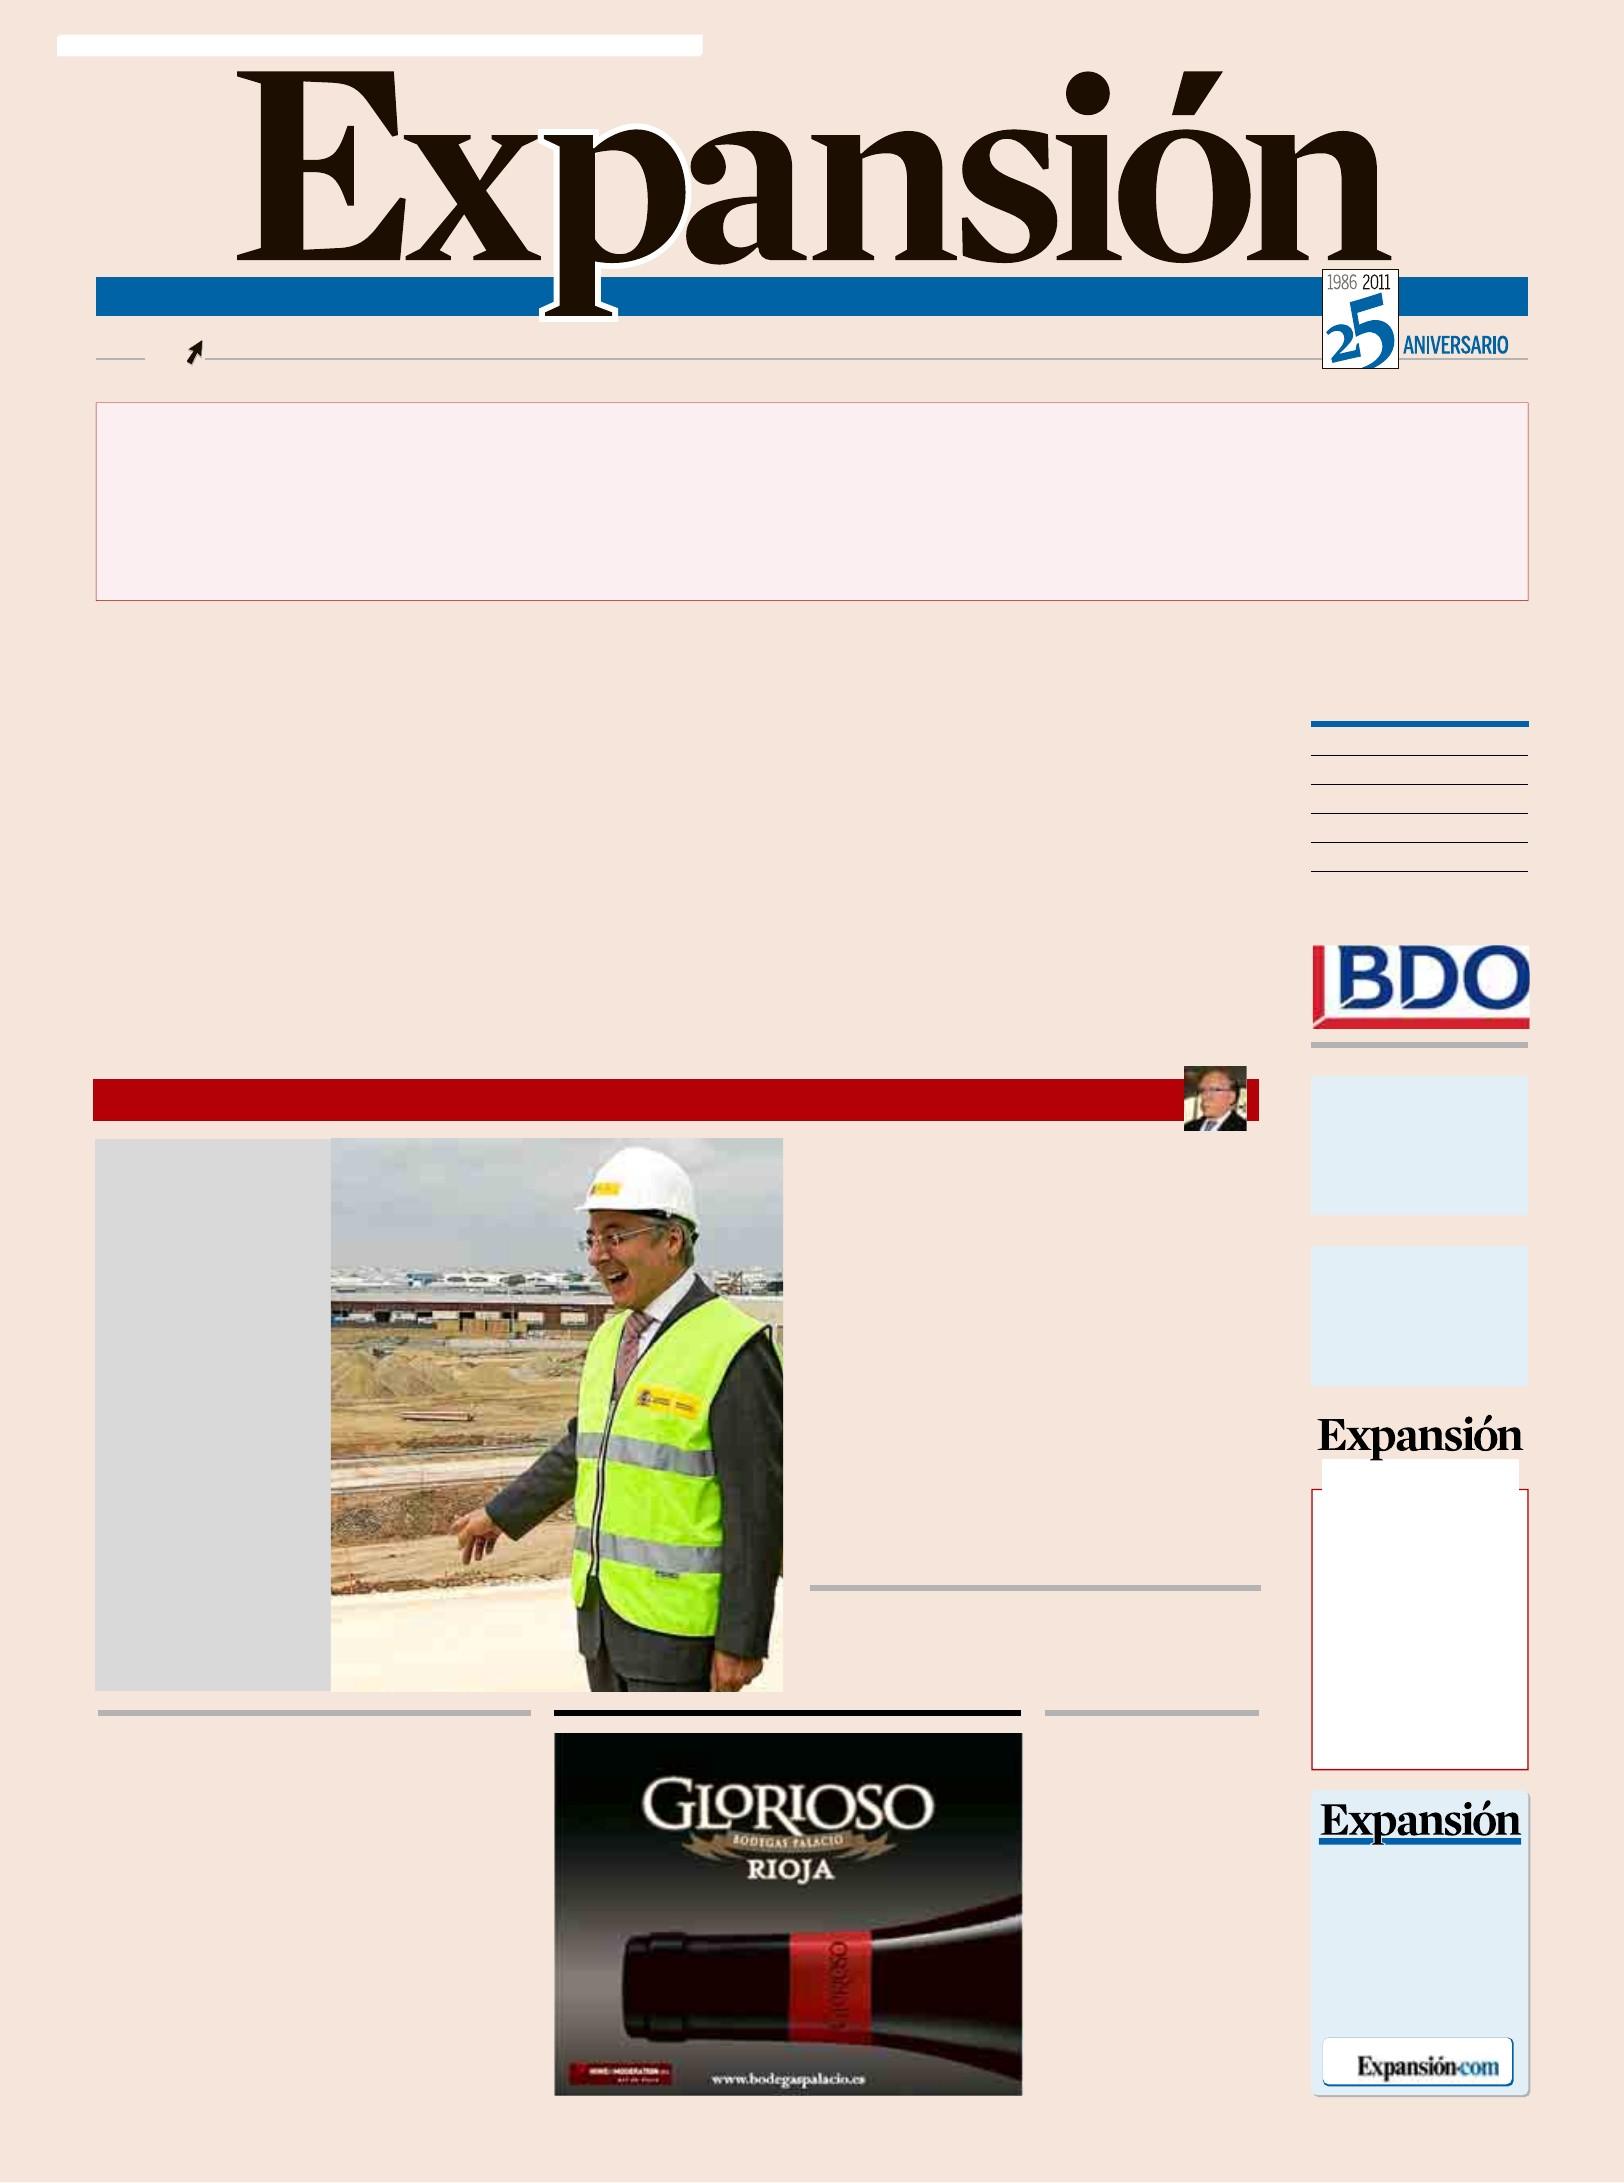 Calendario 2019 Con Festivos Bogota Más Recientes Exp2304 [pdf Document] Of Calendario 2019 Con Festivos Bogota Actual Impresionante 37 Dise±o Calendario Mundial Rusia 2019 Horario Espa±a